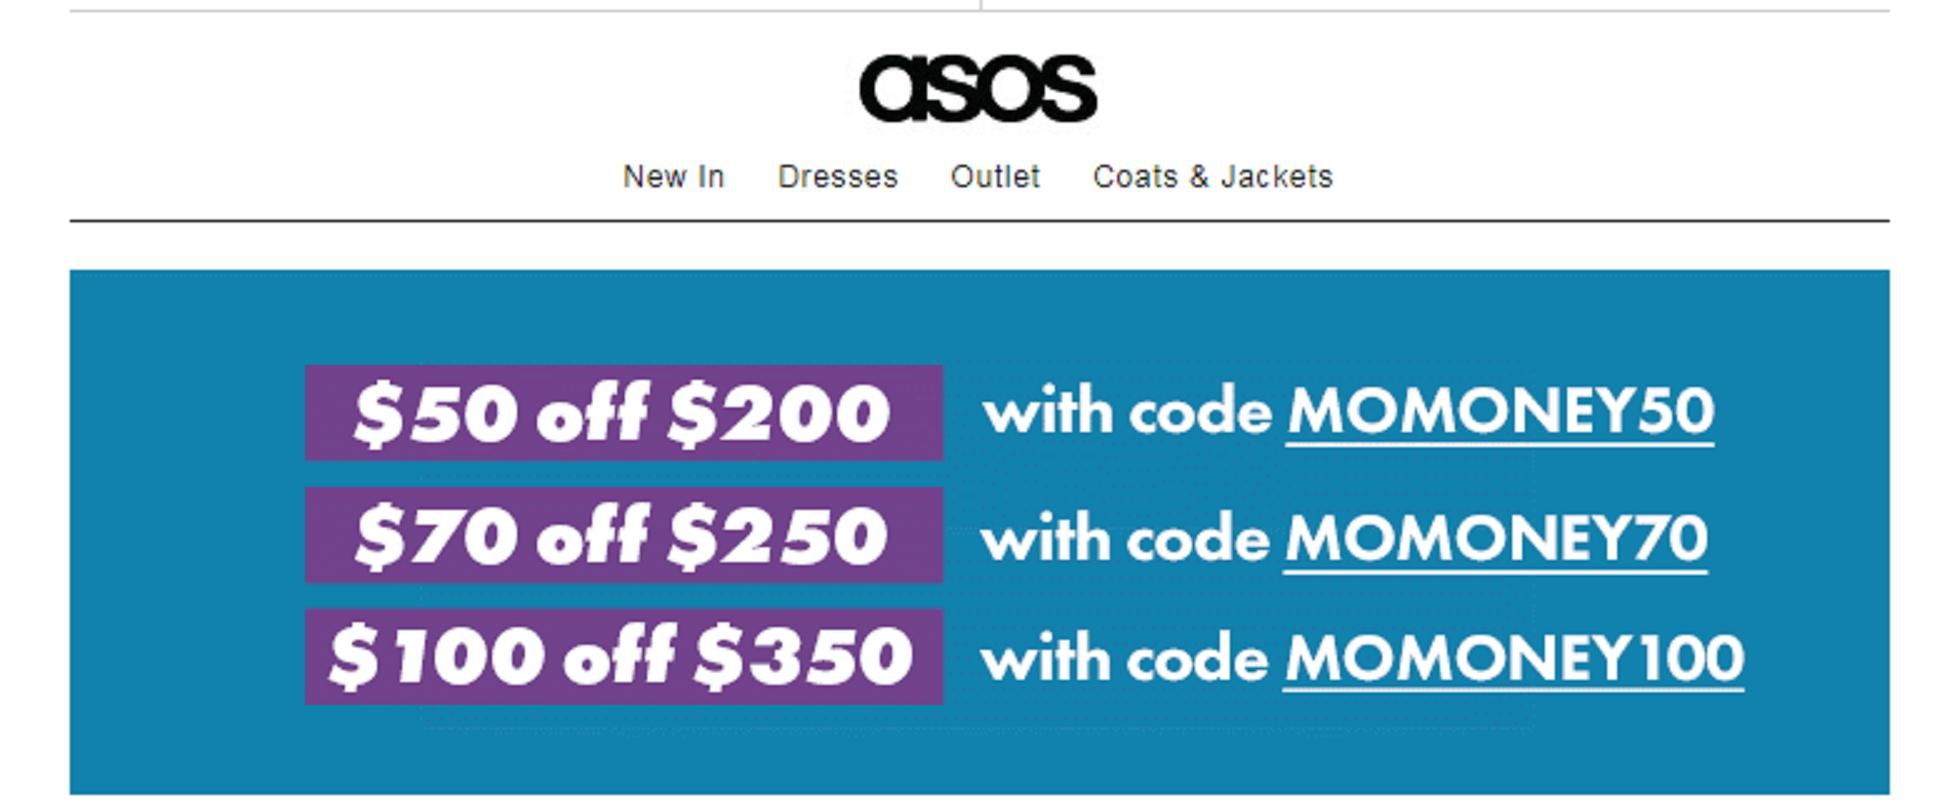 Asos coupon code reddit